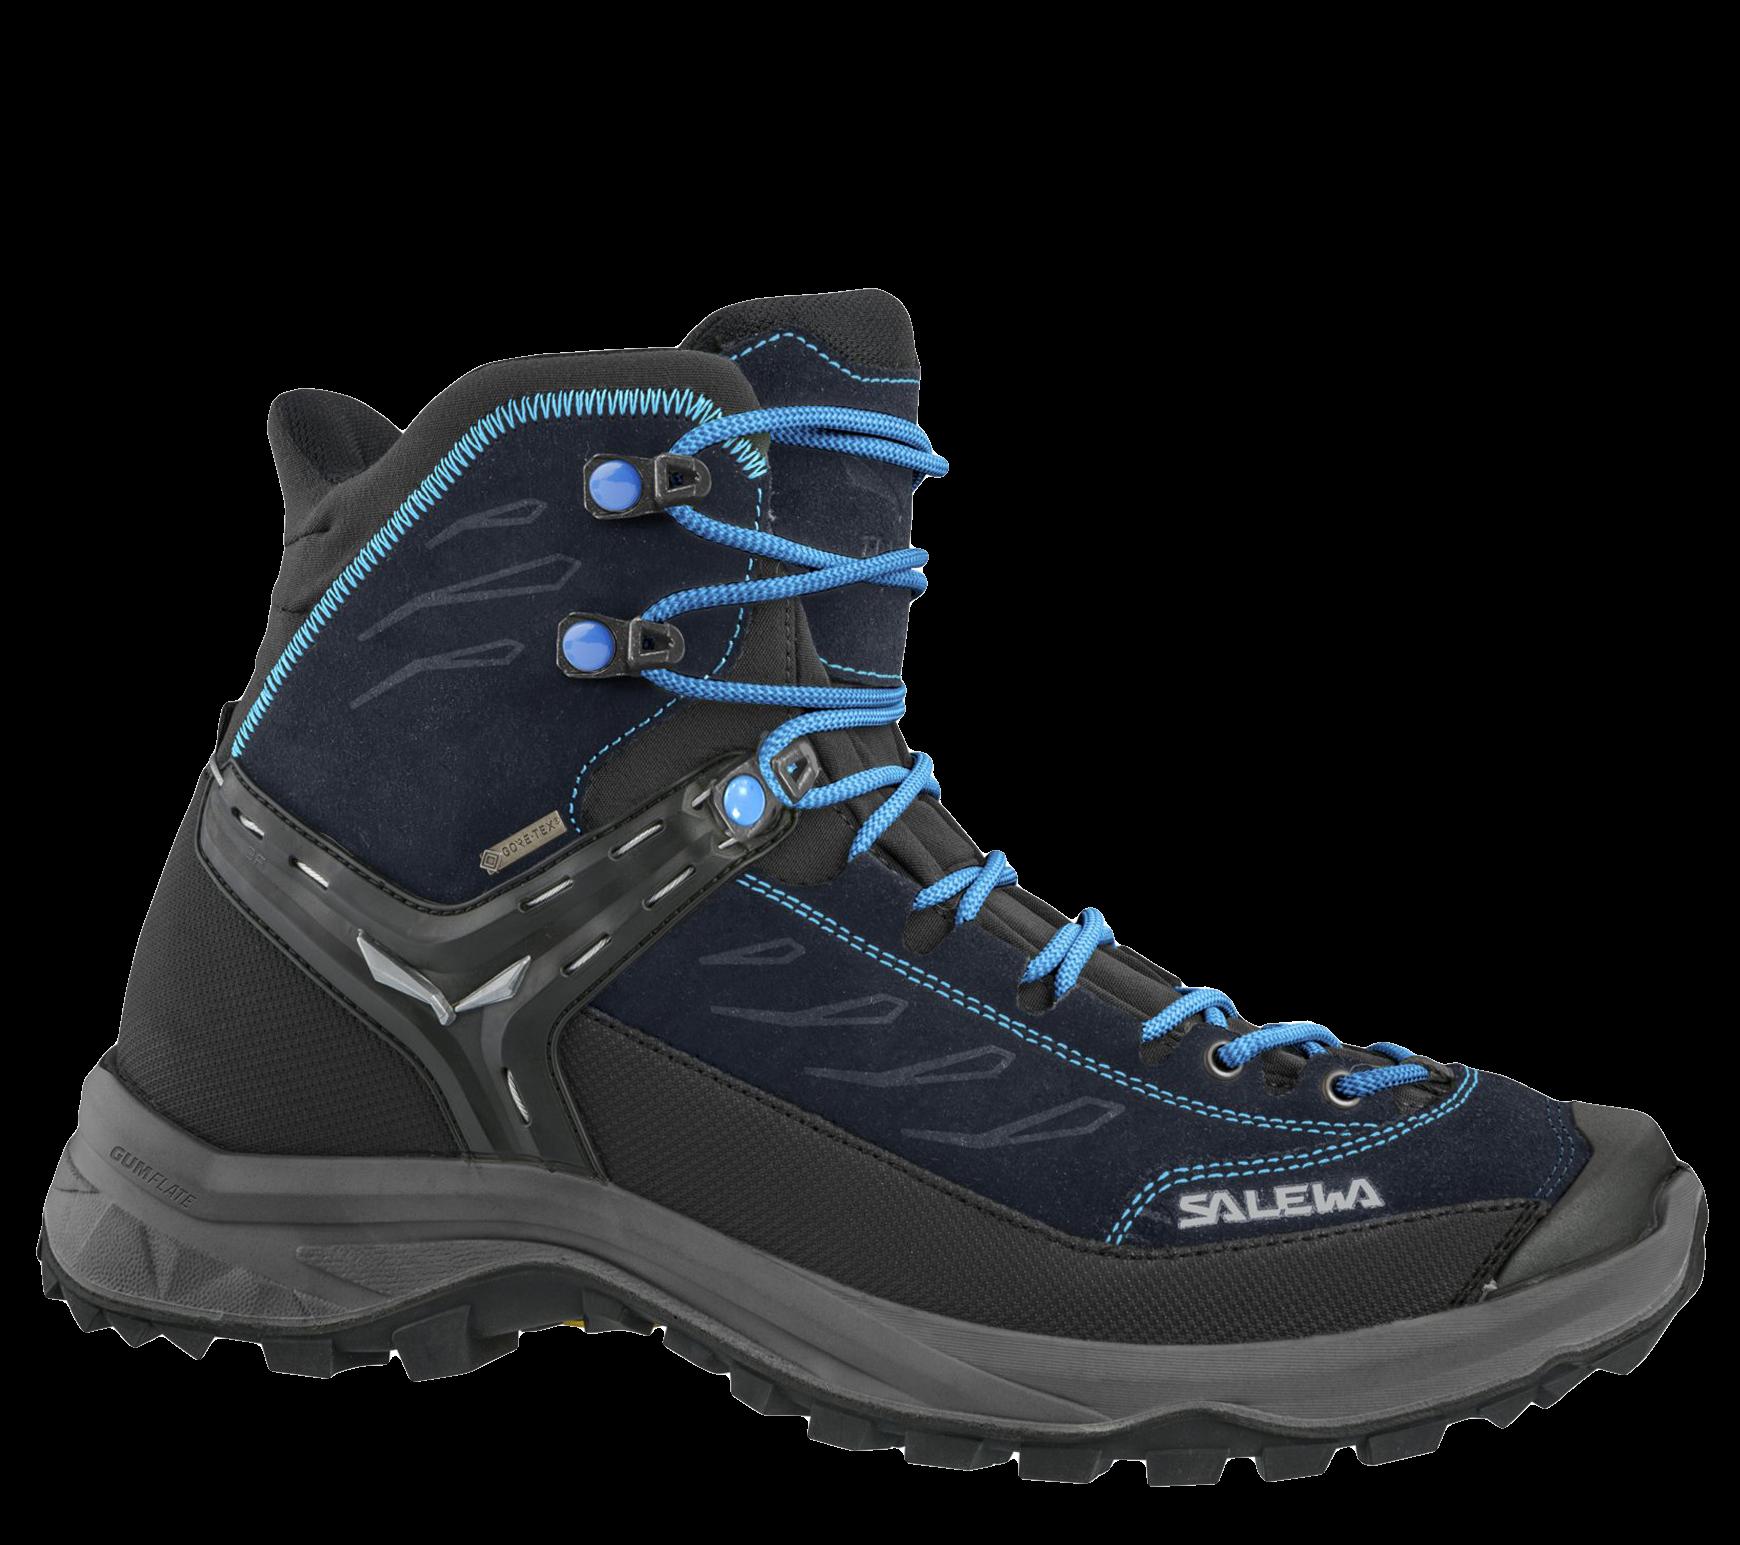 SALEWA Hike Trainer Mid GORE-TEX - Wander- und Trekkingschuh - Damen